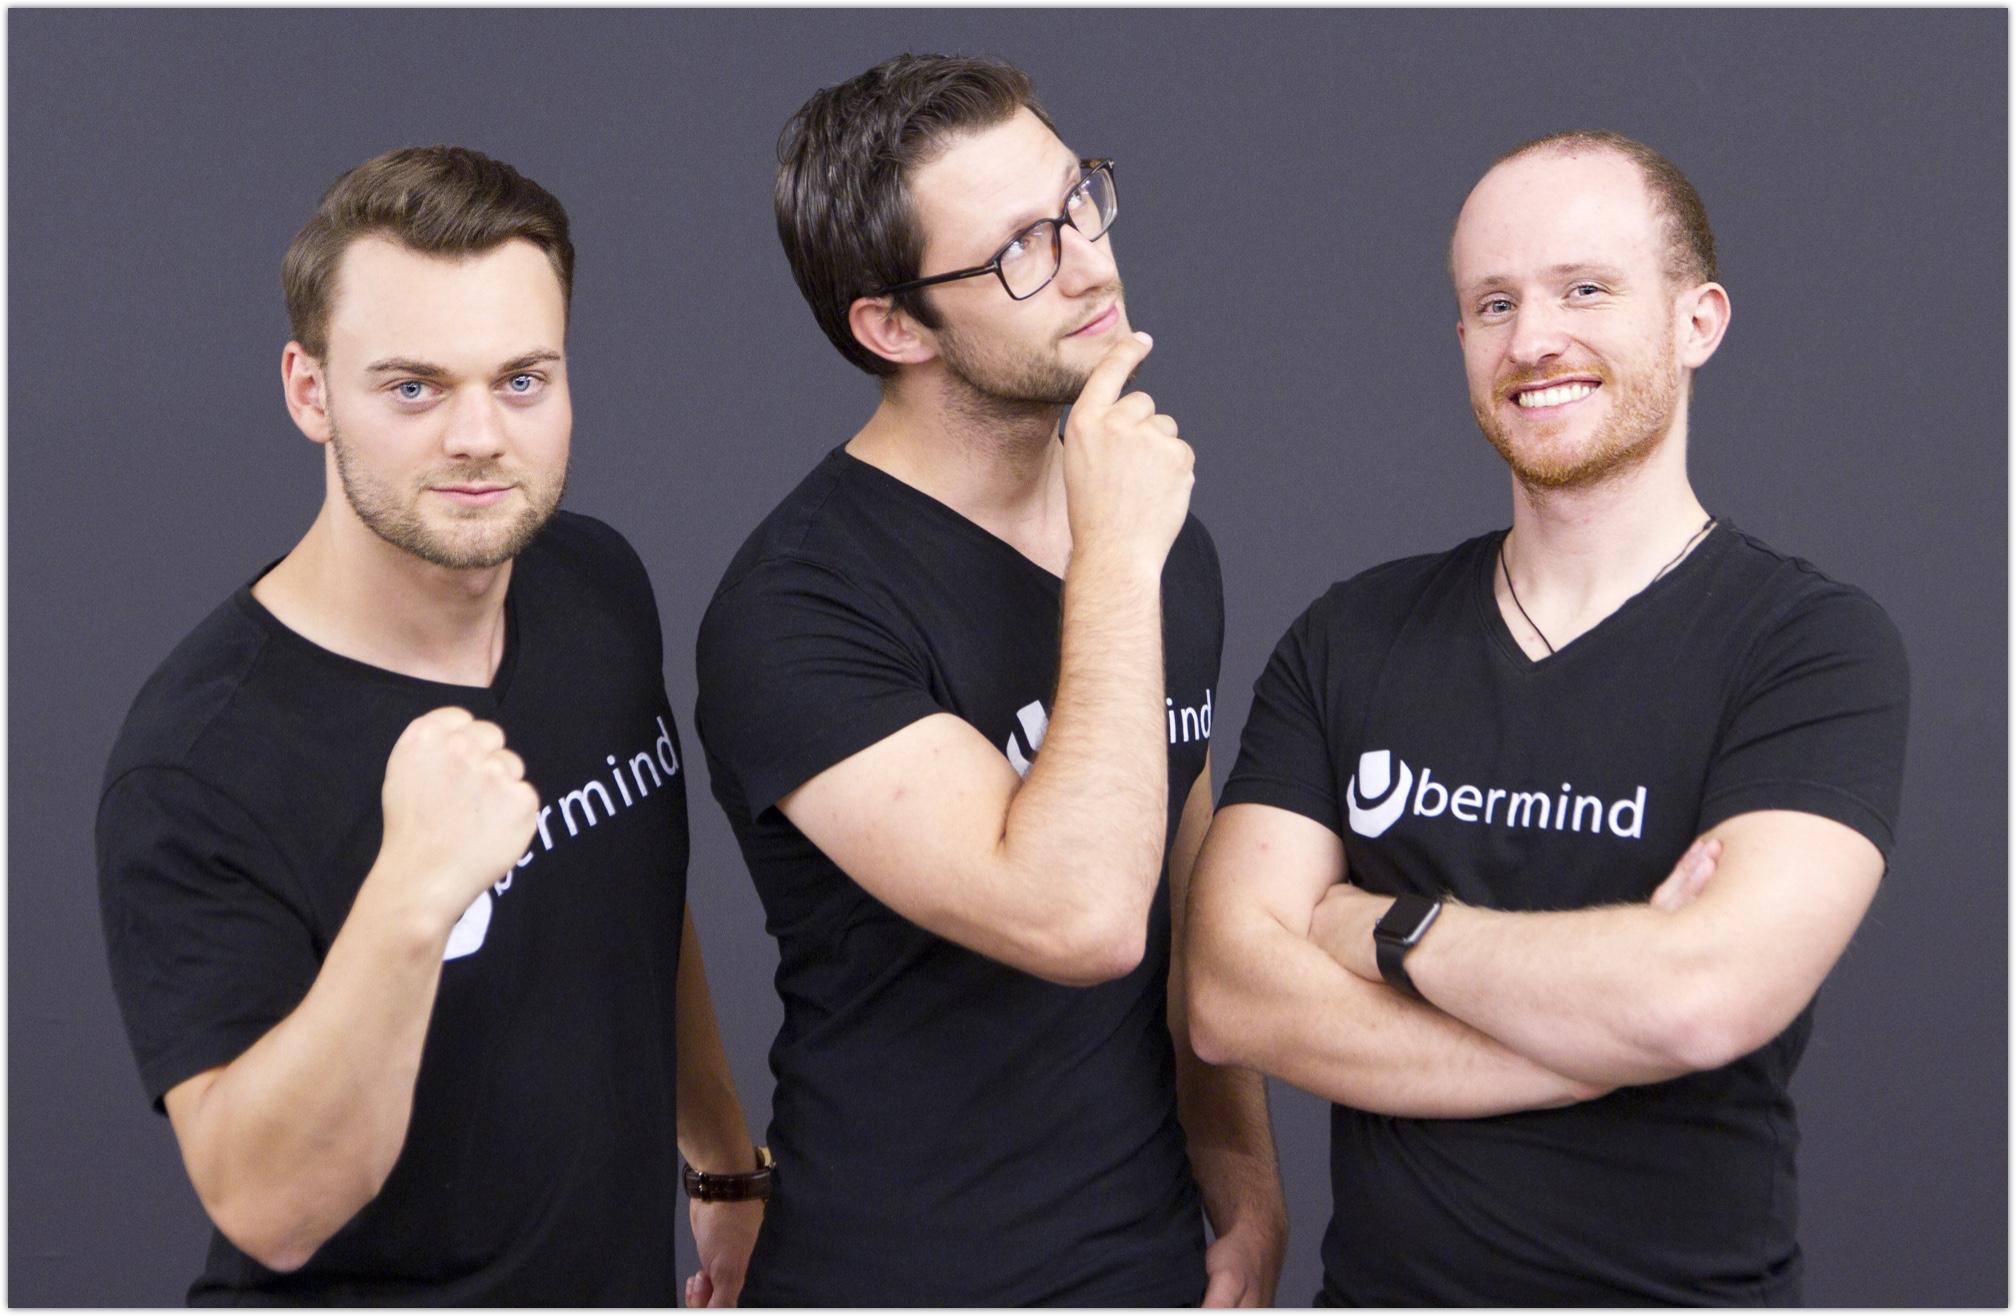 Ubermind - Teamfoto